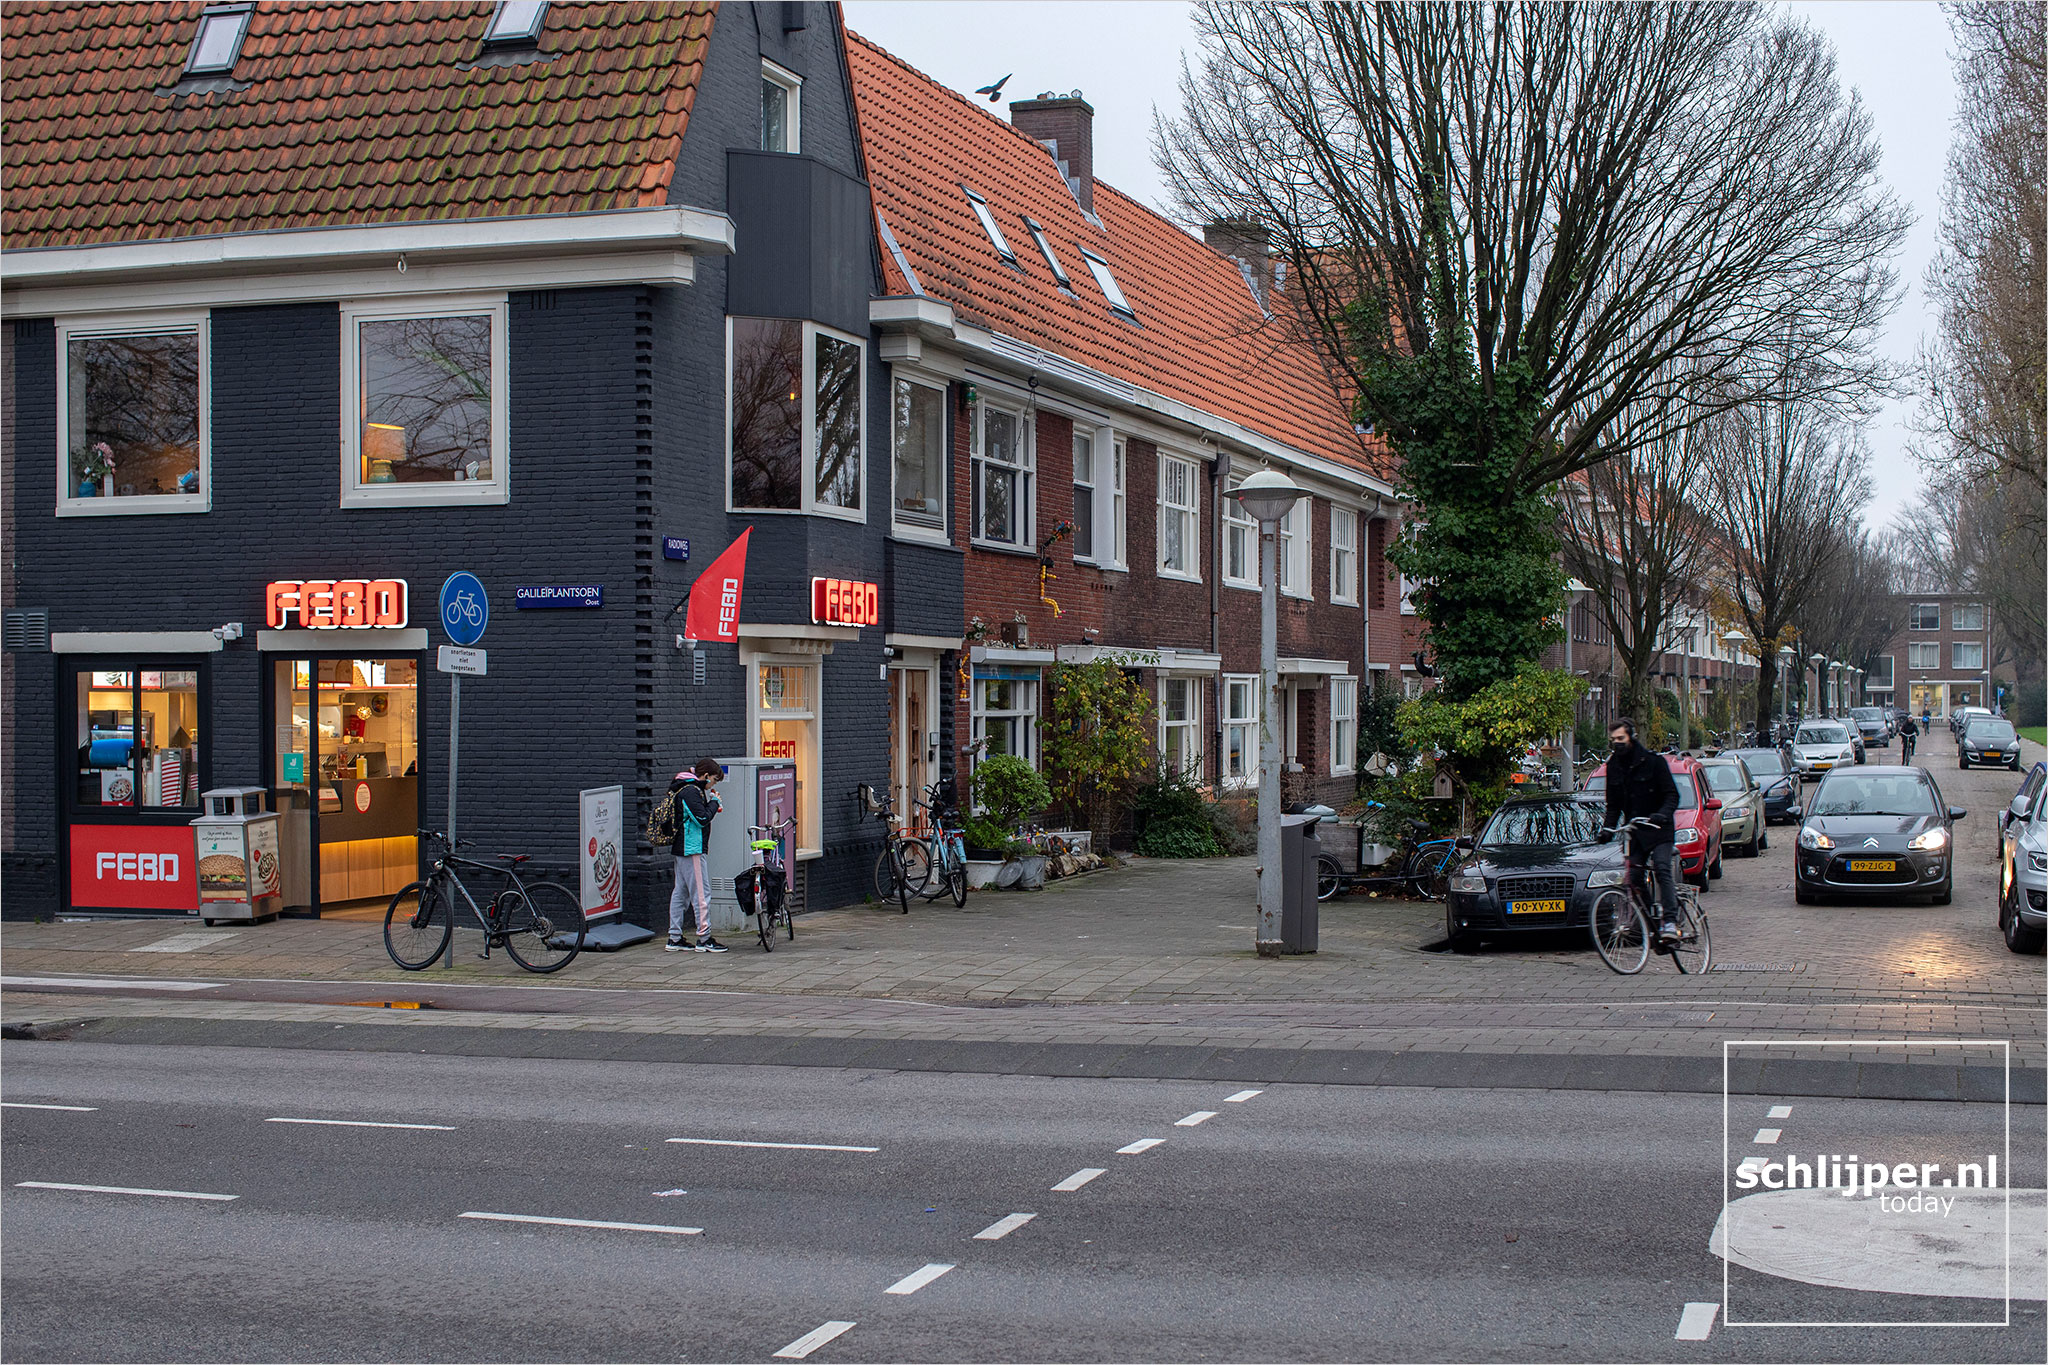 Nederland, Amsterdam, 27 november 2020